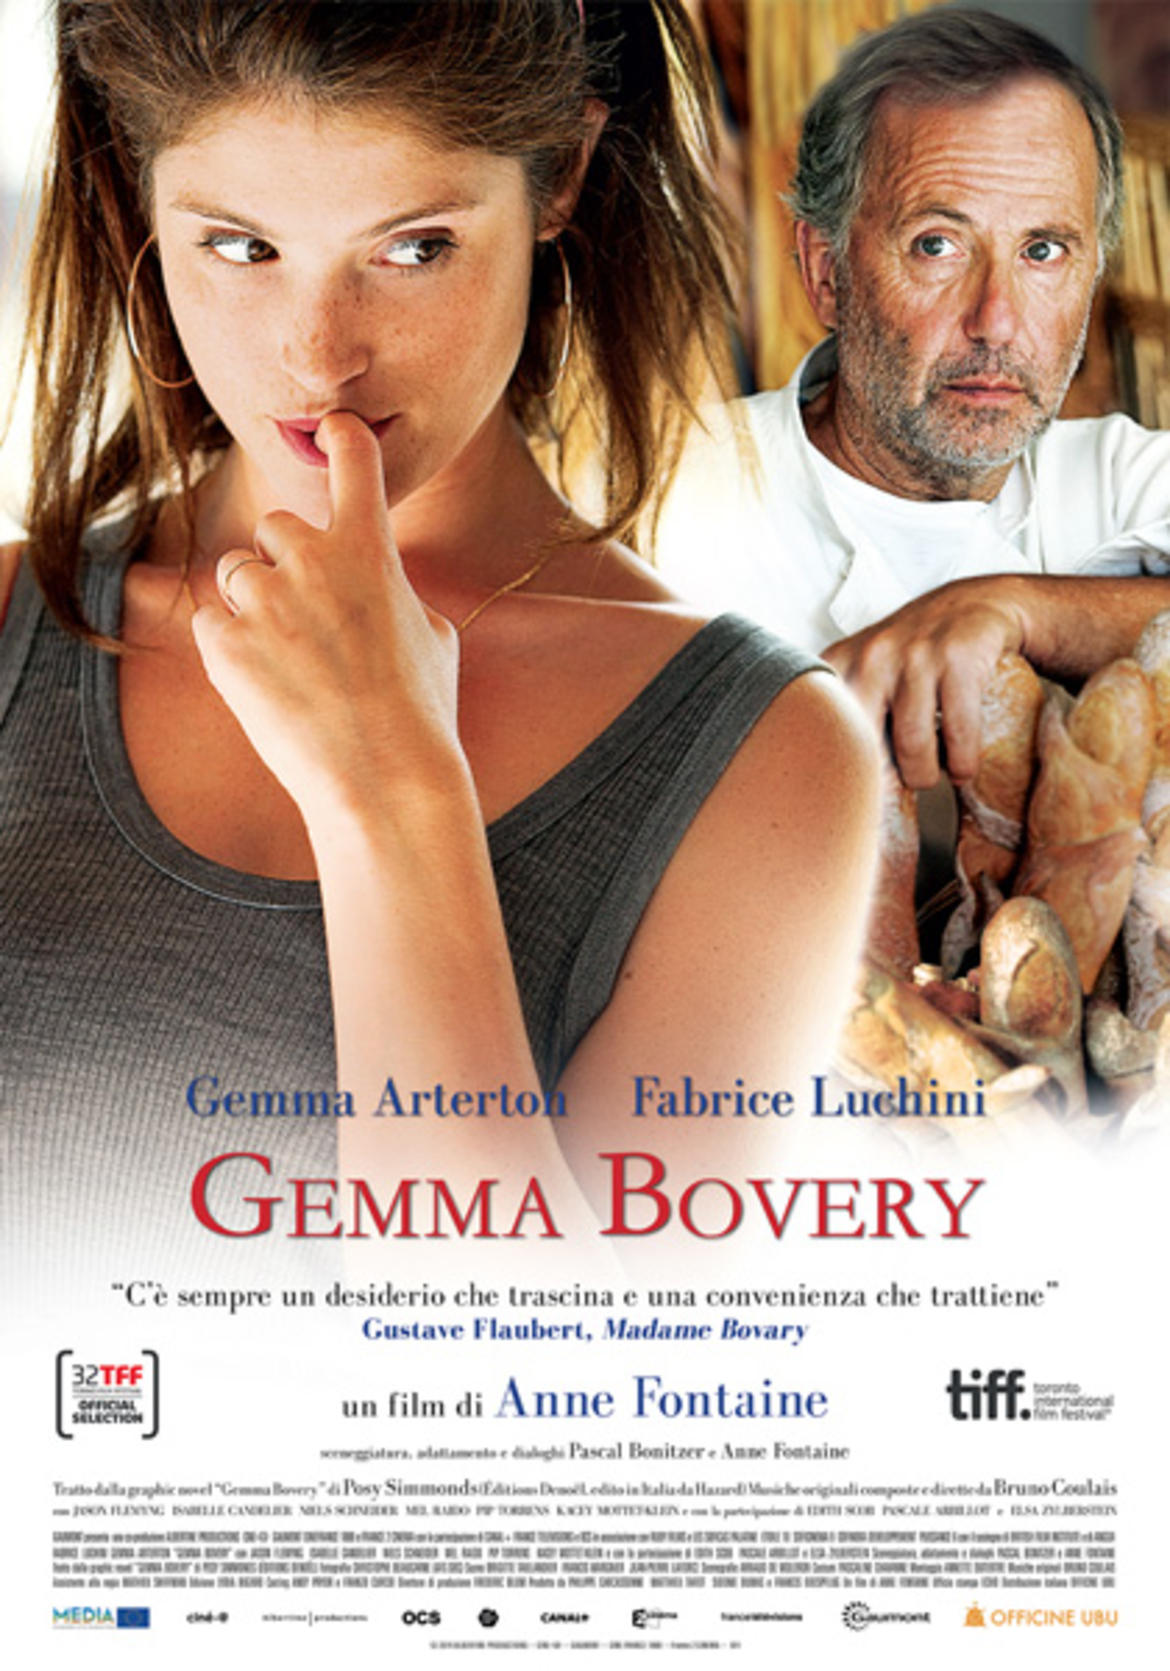 Gemma-Bovery_imagefullwide